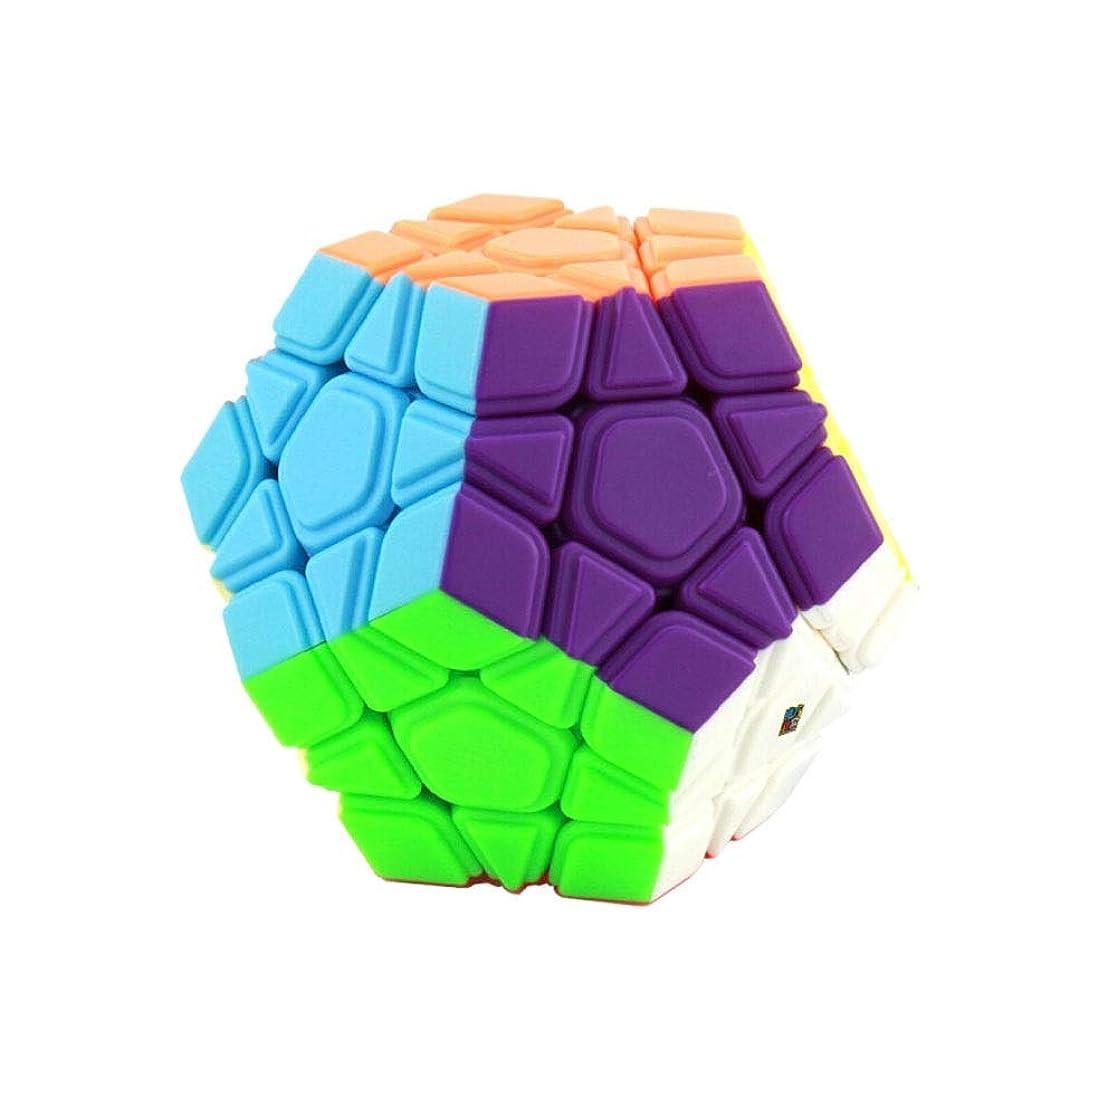 ソブリケット接辞乗算Chenjinxiang01 ルービックキューブ、スタイリッシュなペンタゴンスタイルのデザイン、スムーズで手間のかからない、贈り物としても可能な、指を中心としたアイテムとして使用することができます(三次) 健康および環境保護 (Edition : Pentagonal)